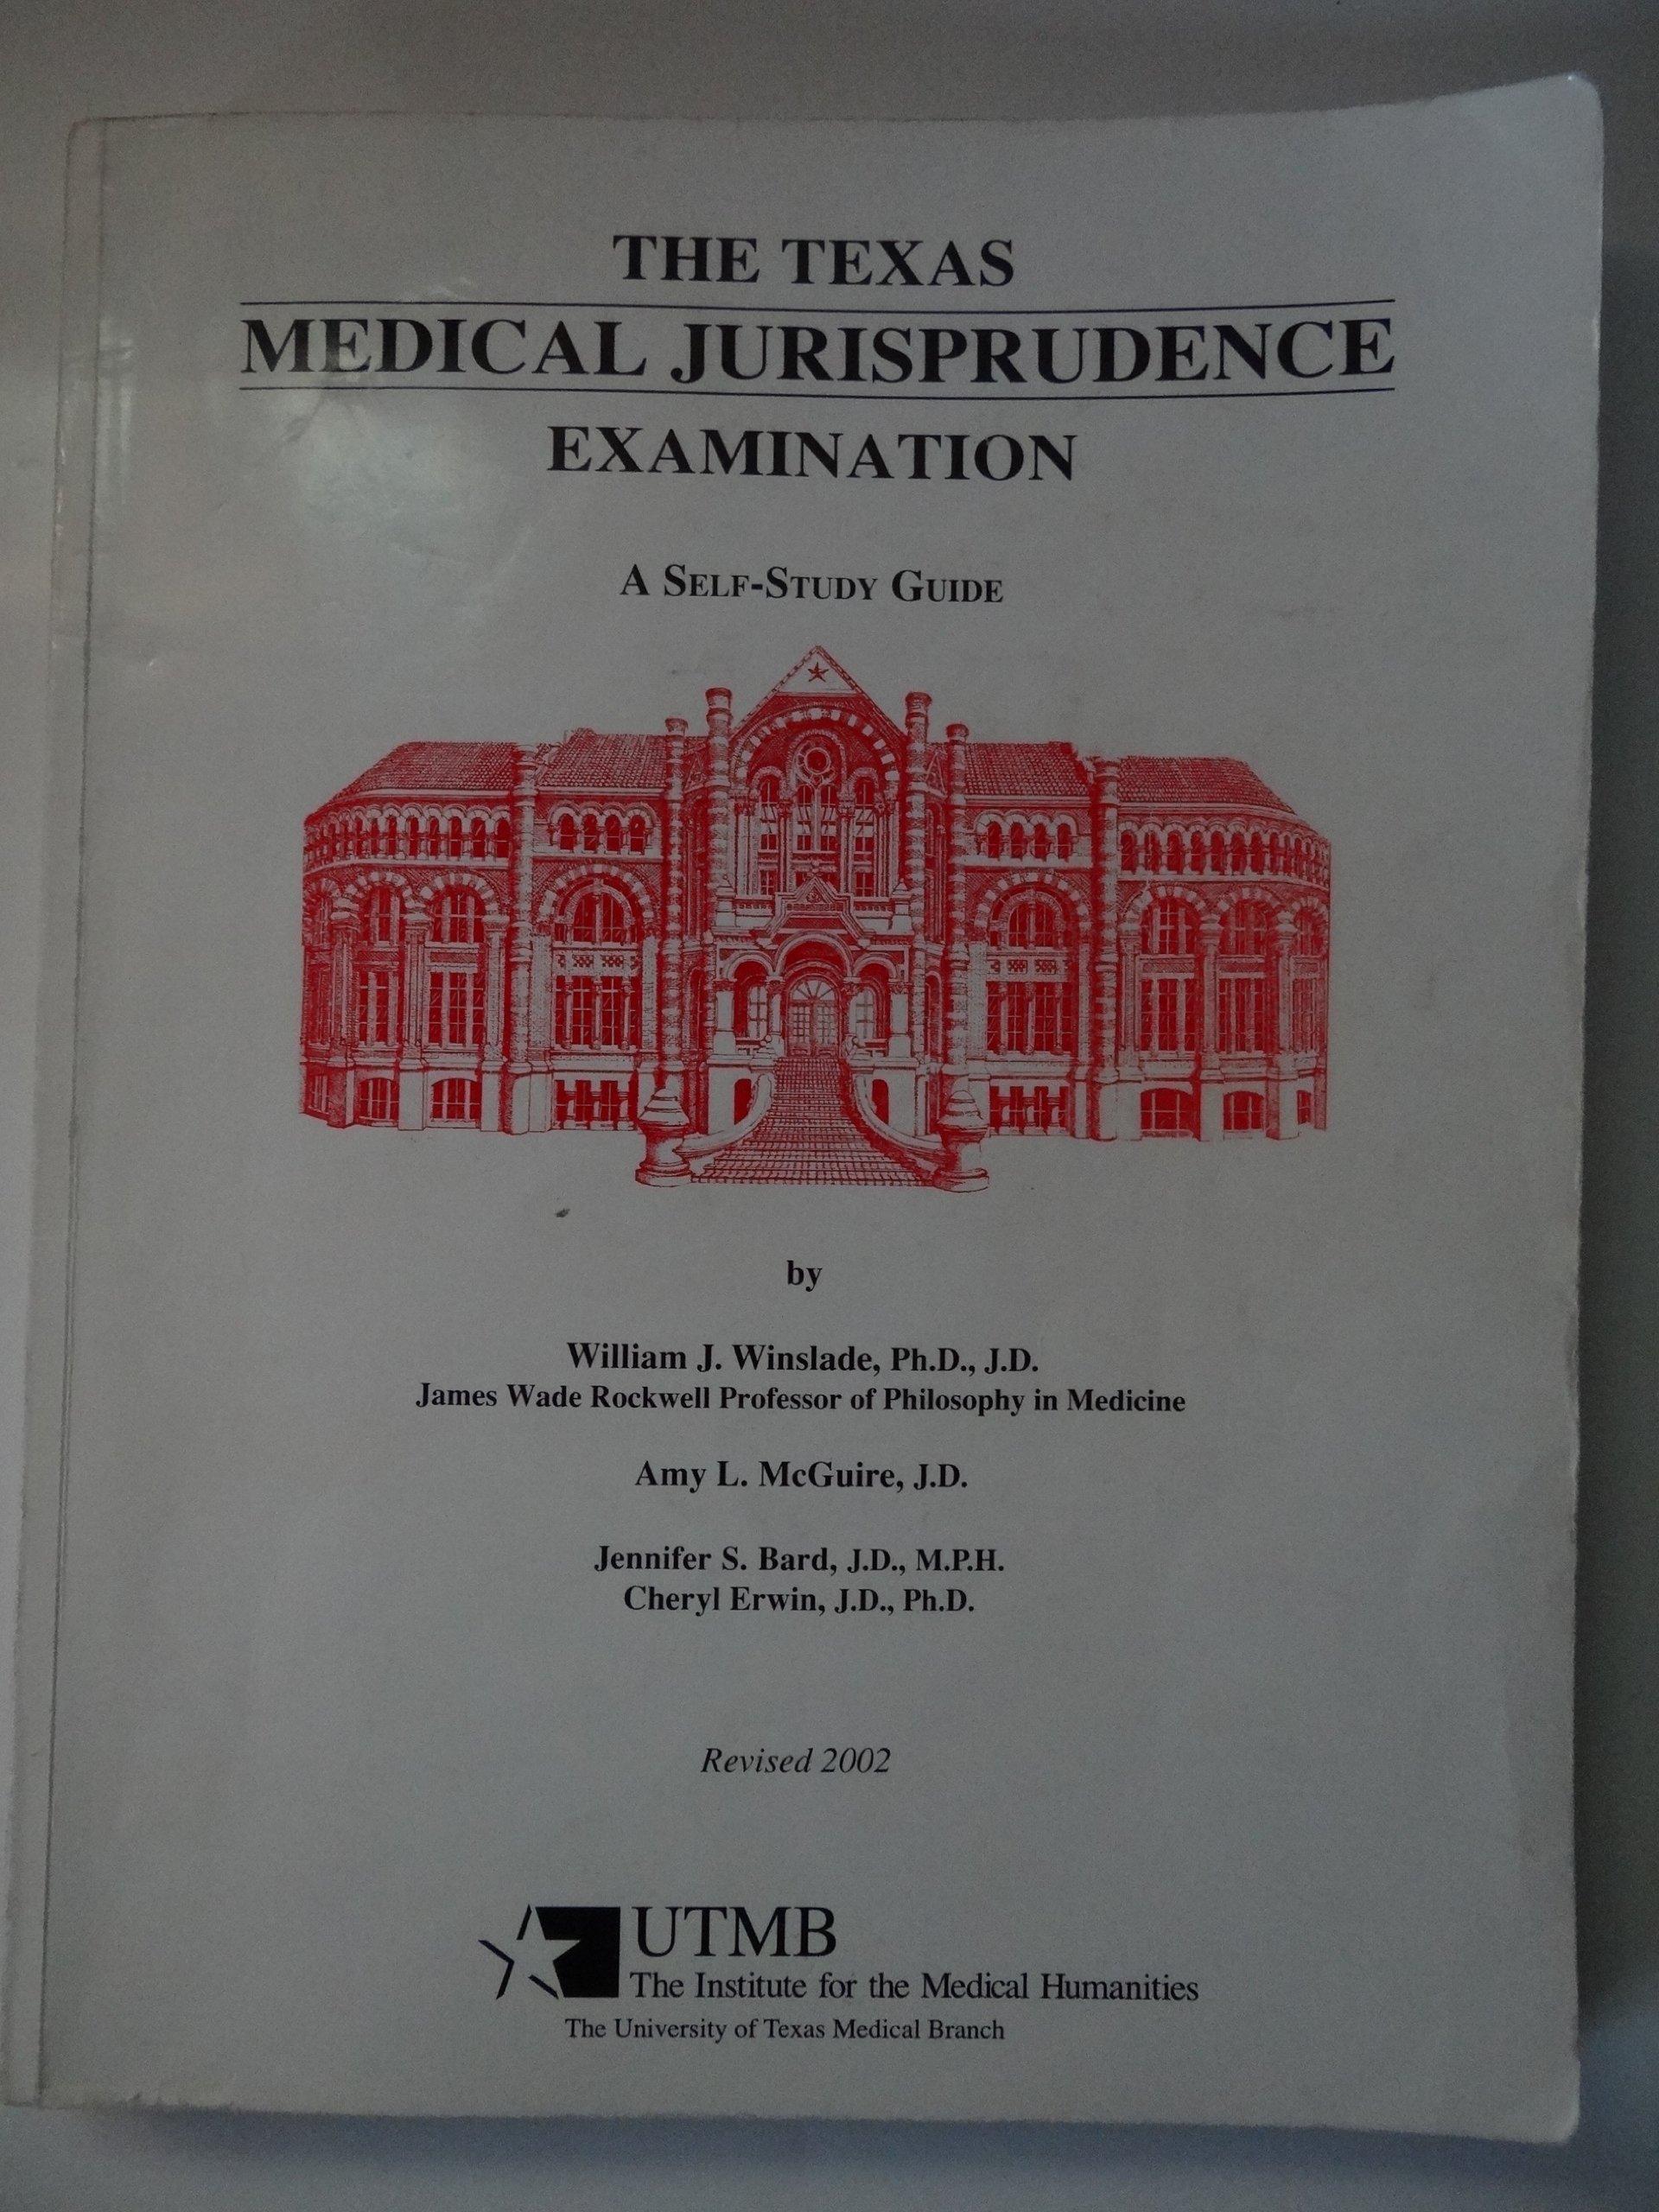 The Texas Medical Jurisprudence Examination: A Self-Study Guide: William J  Winslade, E.Bernadette McKinney: 9780962129438: Amazon.com: Books